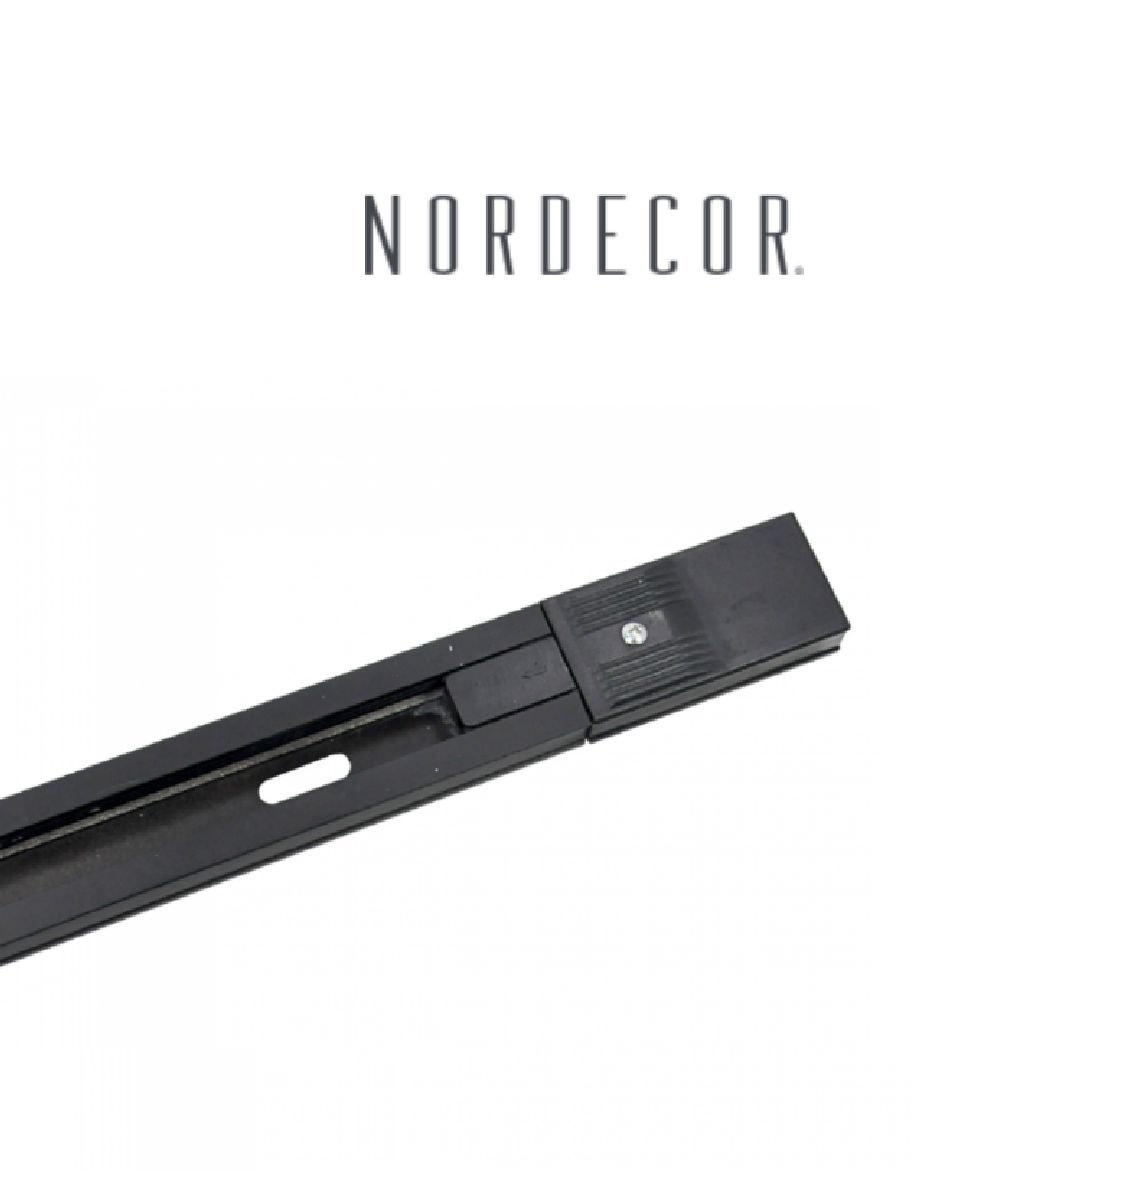 Kit Trilho Eletrificado 2m Preto Nordecor + 4 Spot Quad MR16 / GU10 Para Sala Quarto Cozinha Quadro